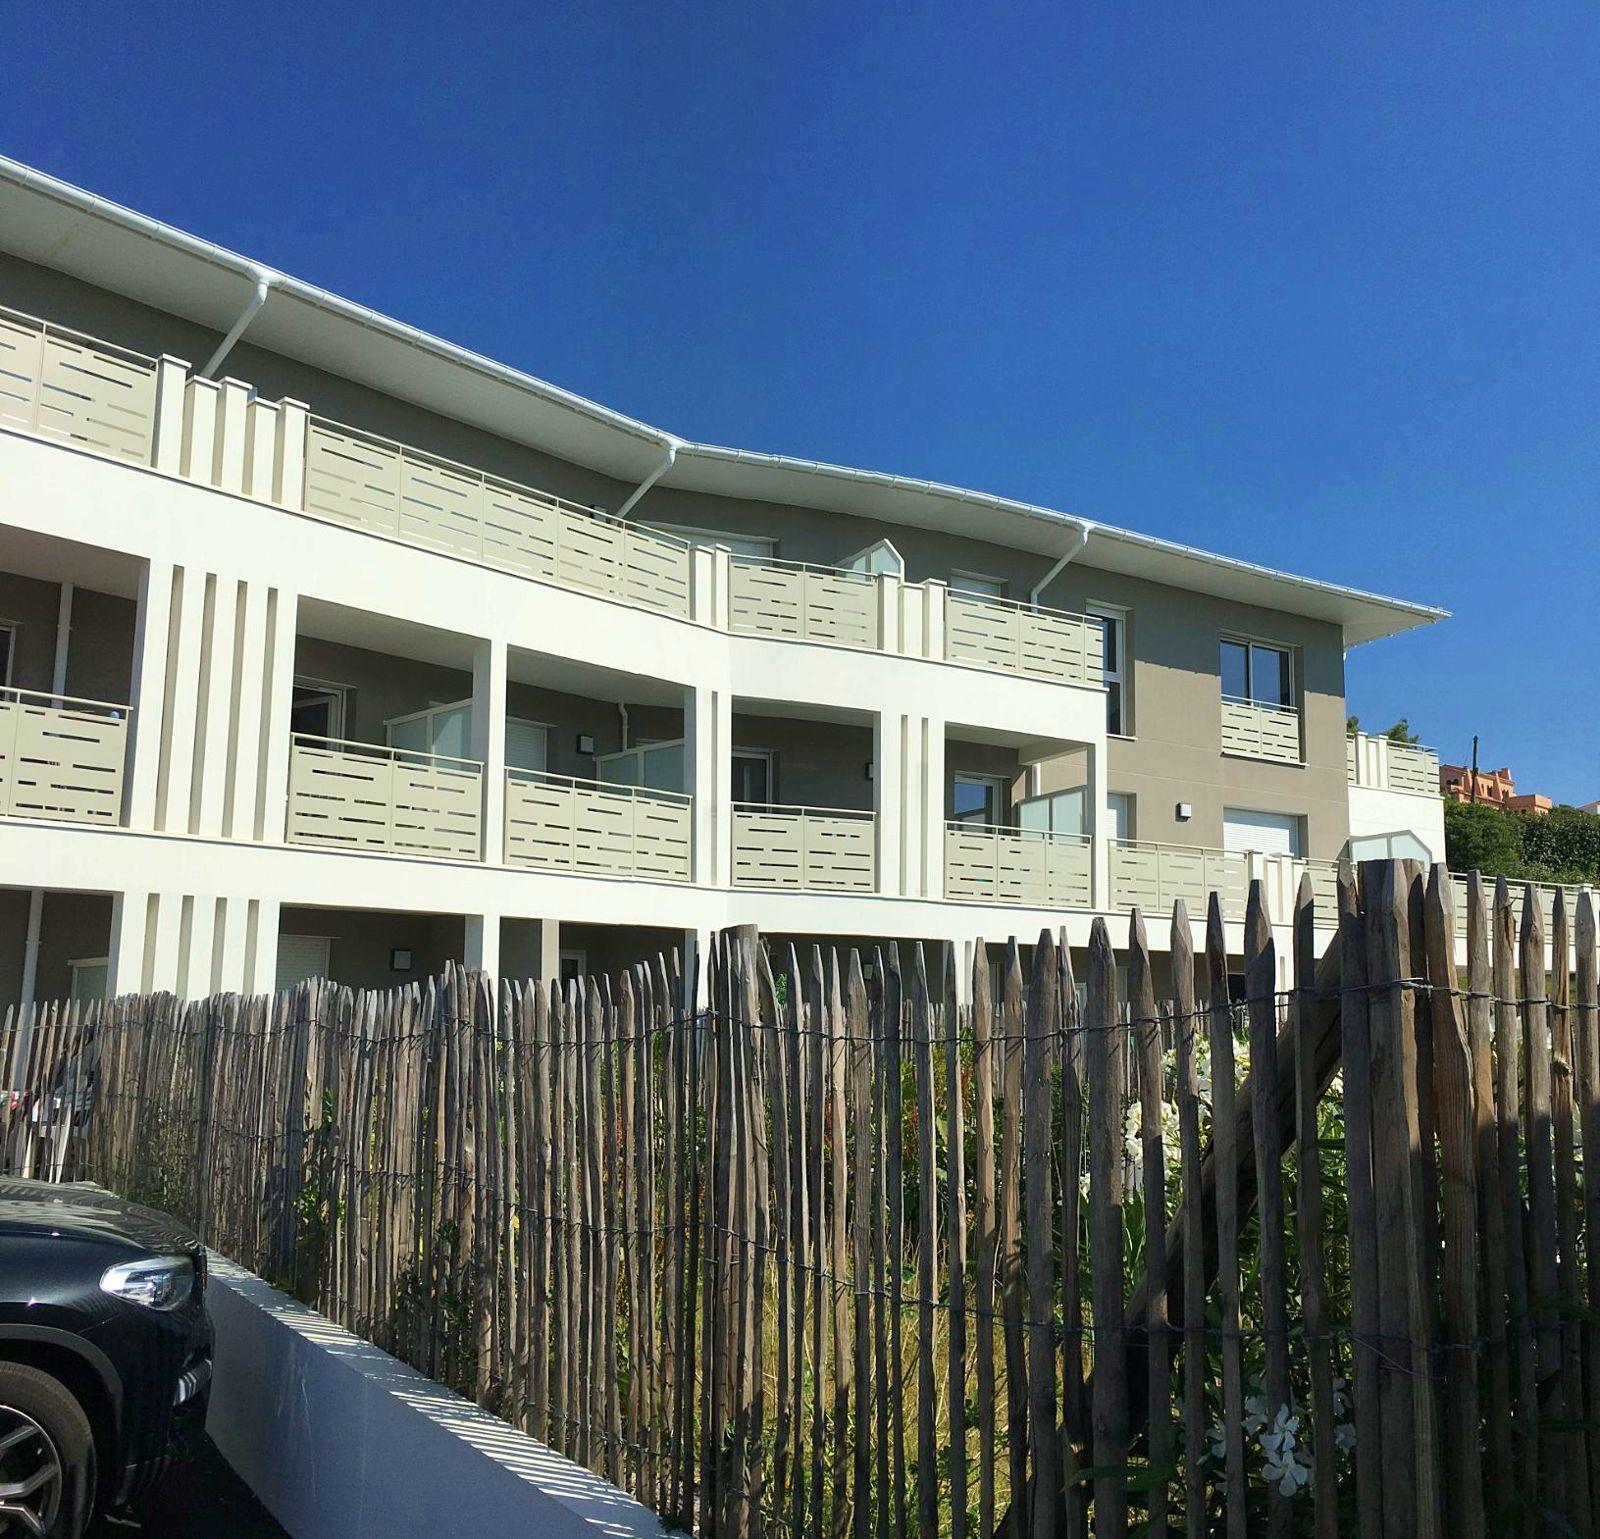 Loue appartement T2à Anglet (64) bord océan et plage 4couchages